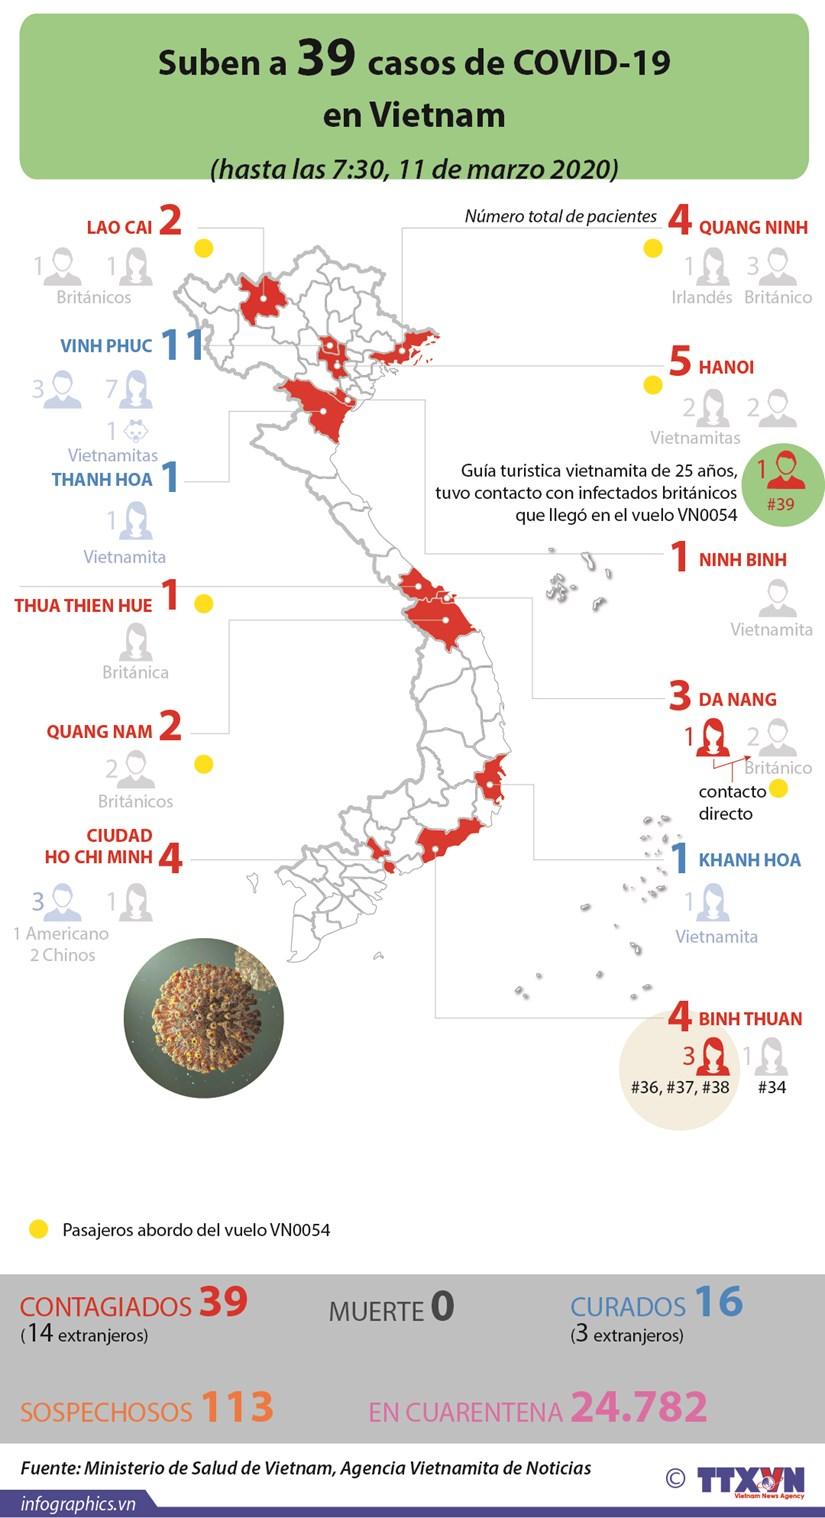 Suben a 39 casos de COVID-19 en Vietnam hinh anh 1